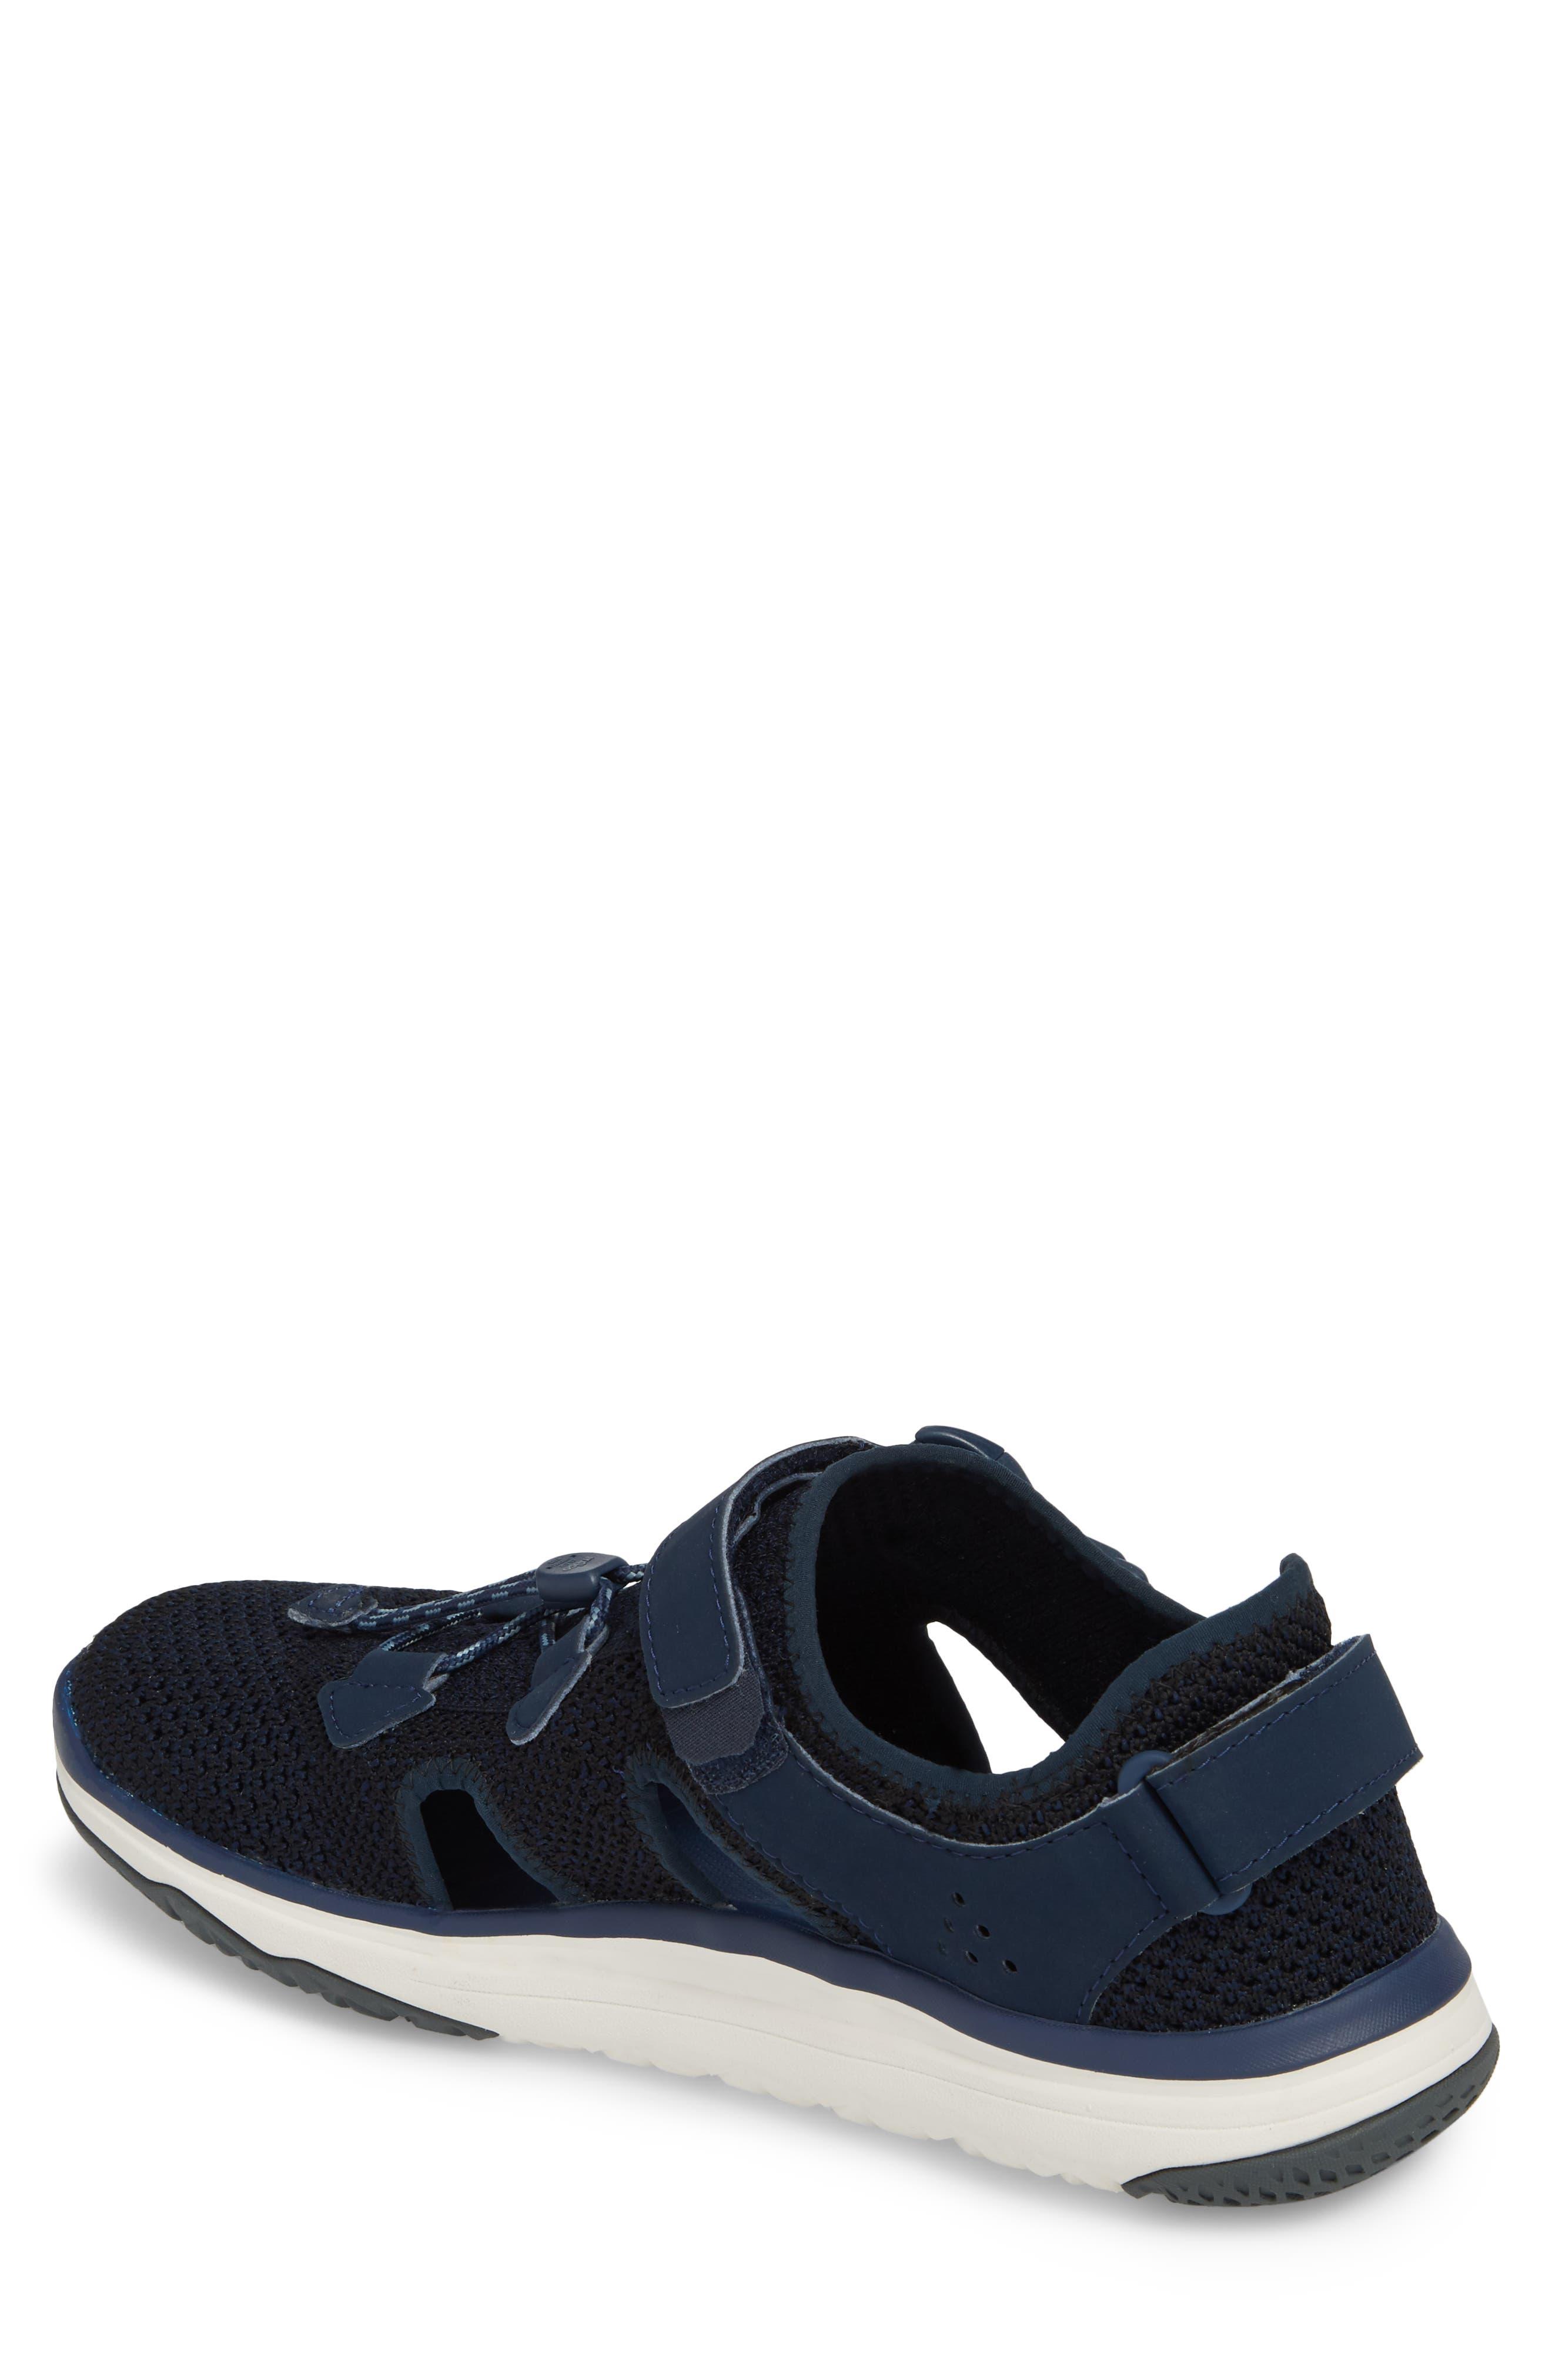 Terra Float Travel Sneaker,                             Alternate thumbnail 2, color,                             Navy Knit